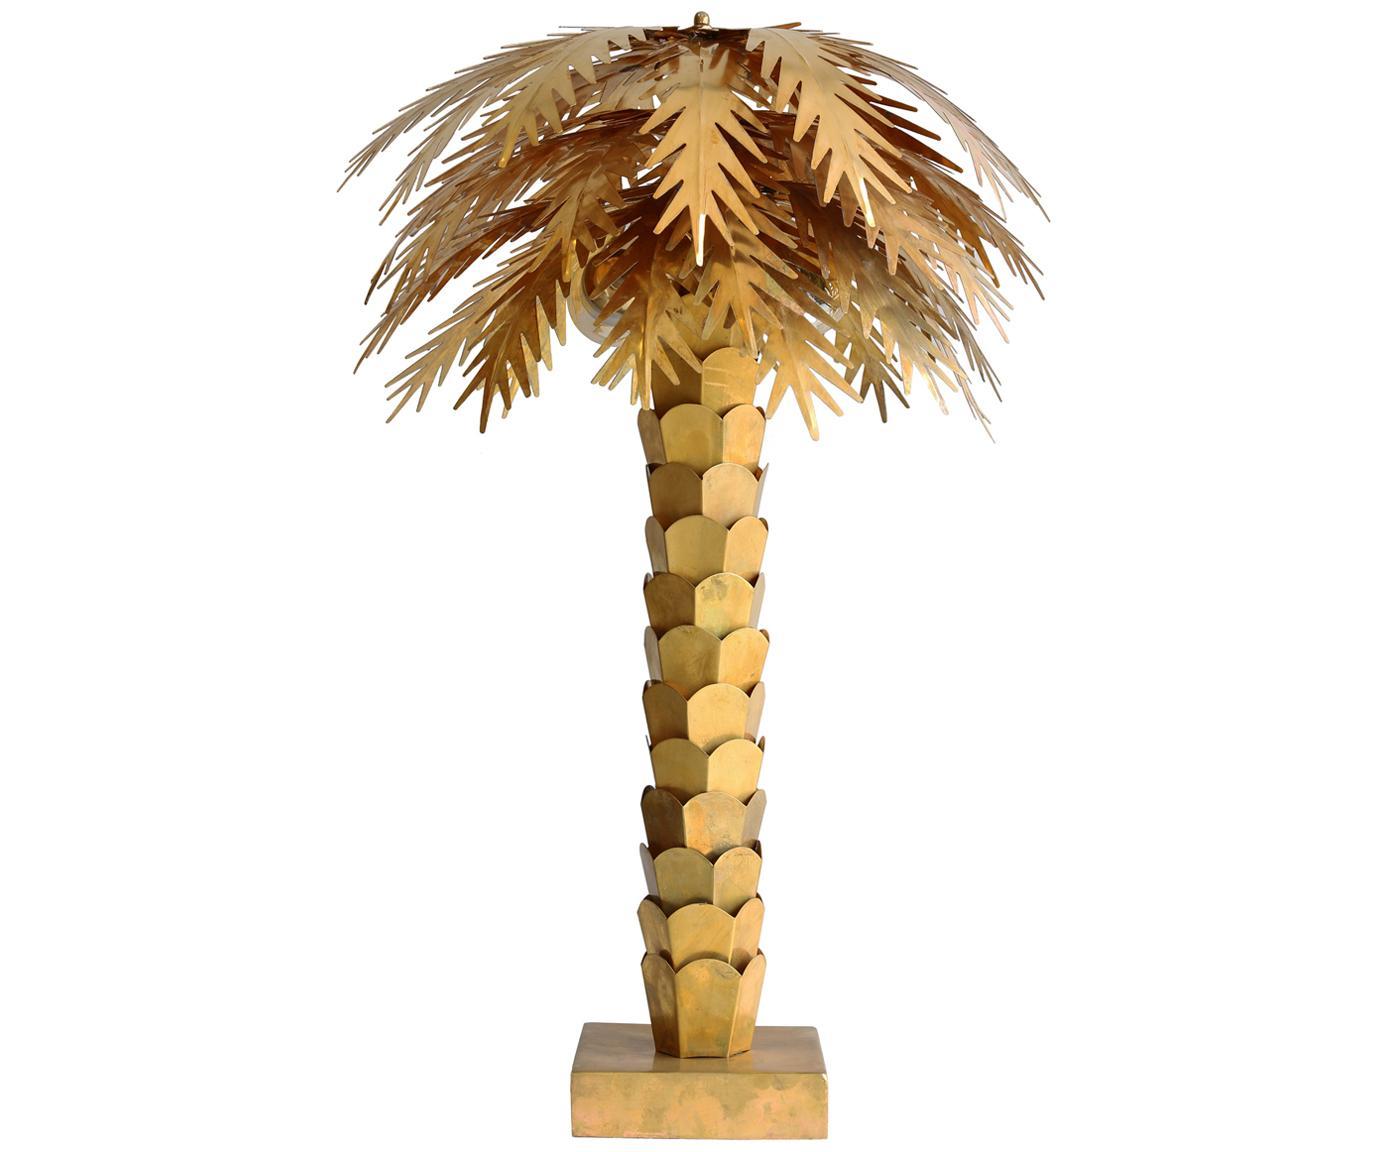 Dimbare XL tafellamp Palma, Messing, Messingkleurig, Ø 45 x H 68 cm